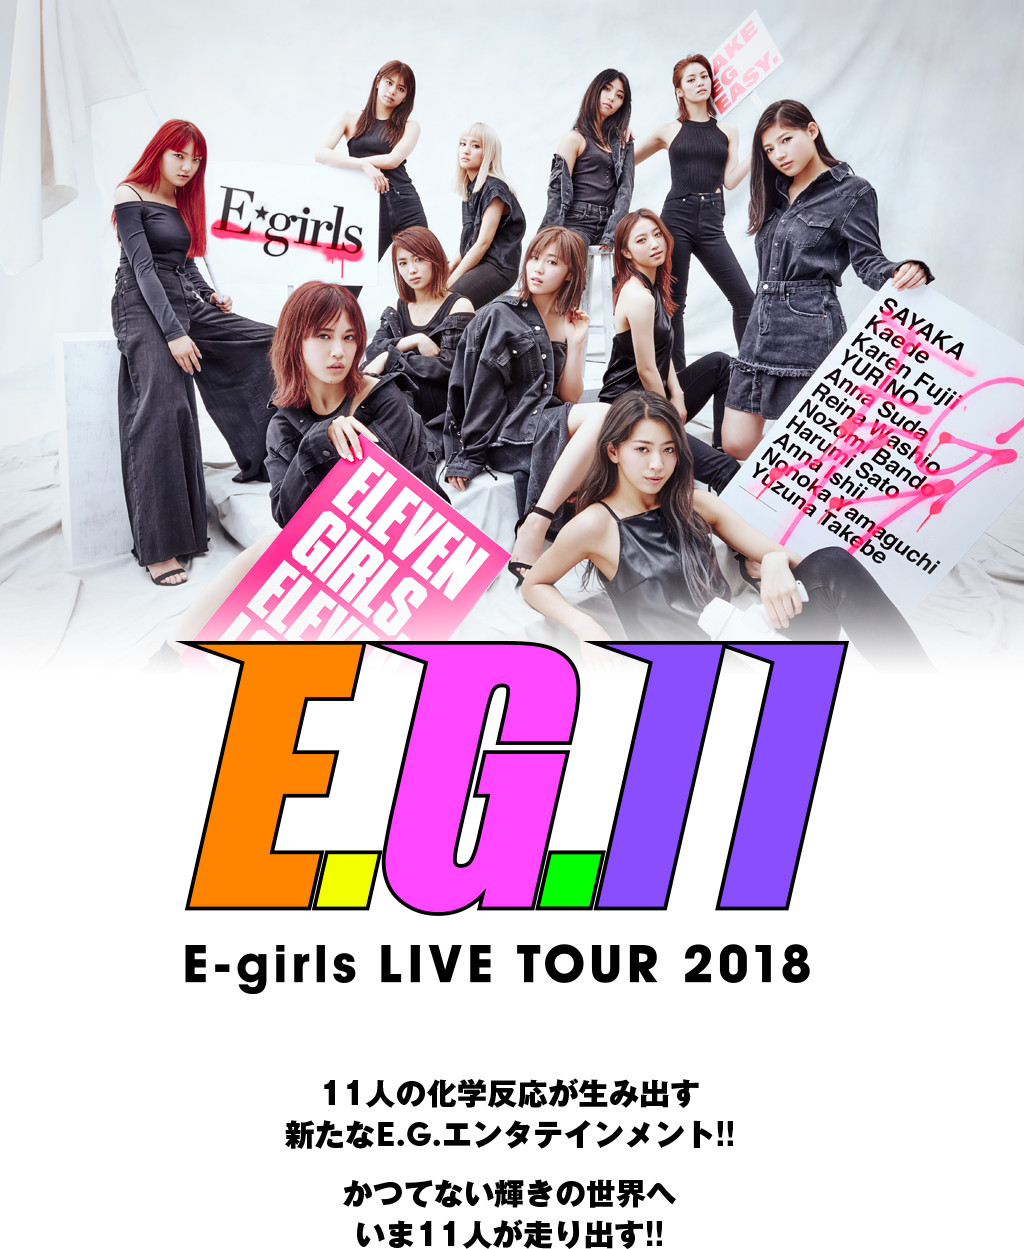 E-girls LIVE TOUR 2018 E.G. 11